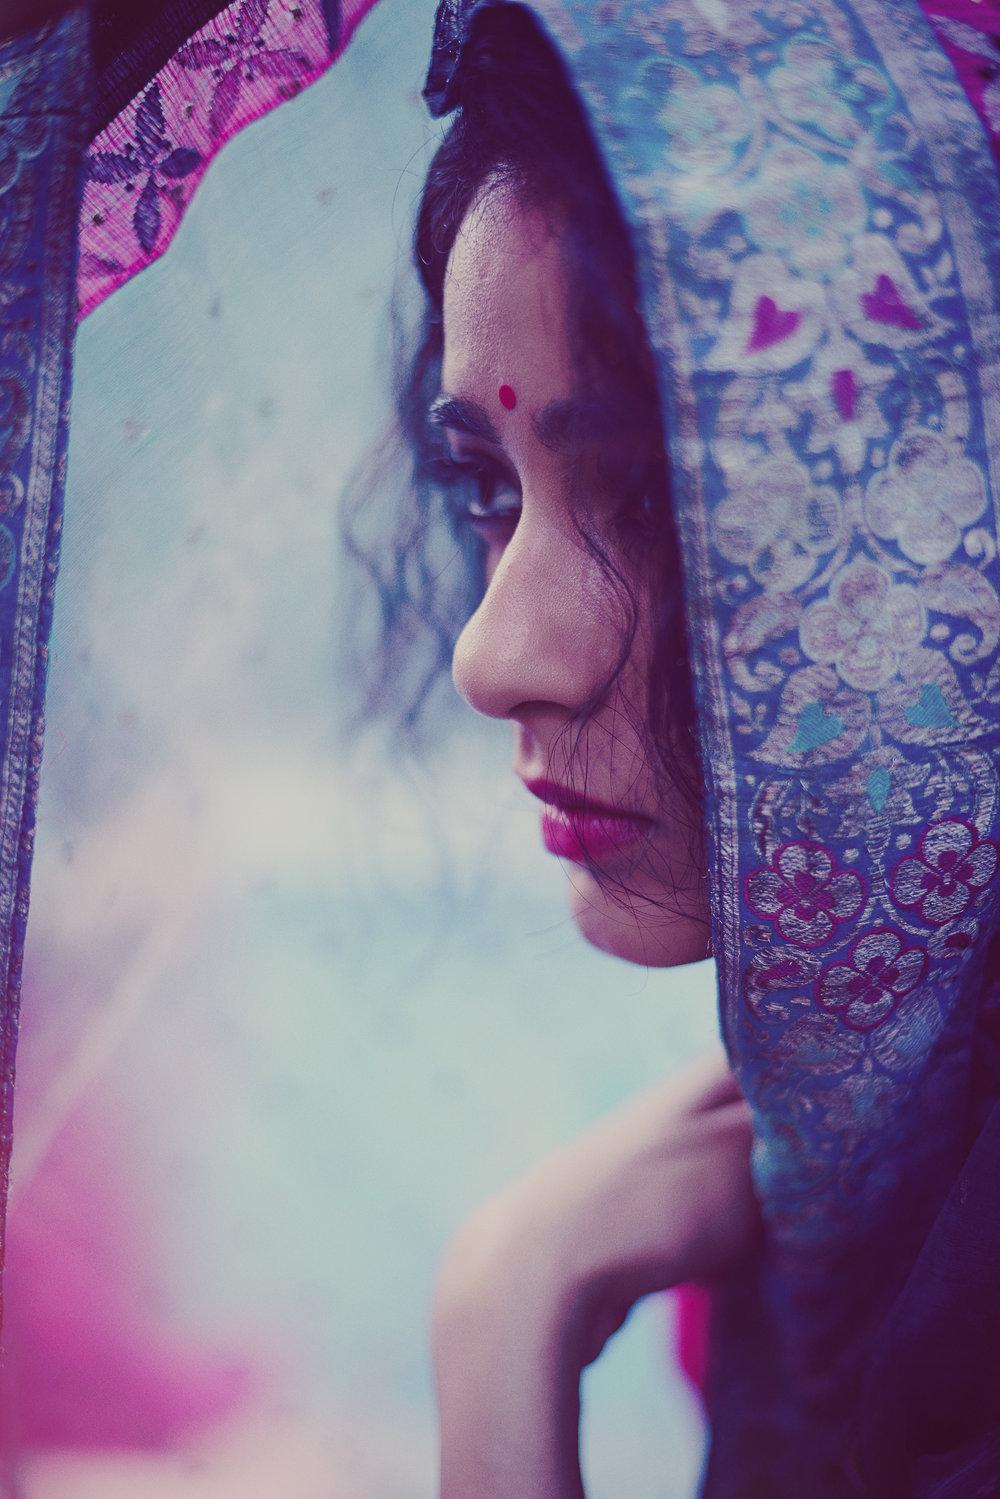 lakshmi_maddy 3.jpg